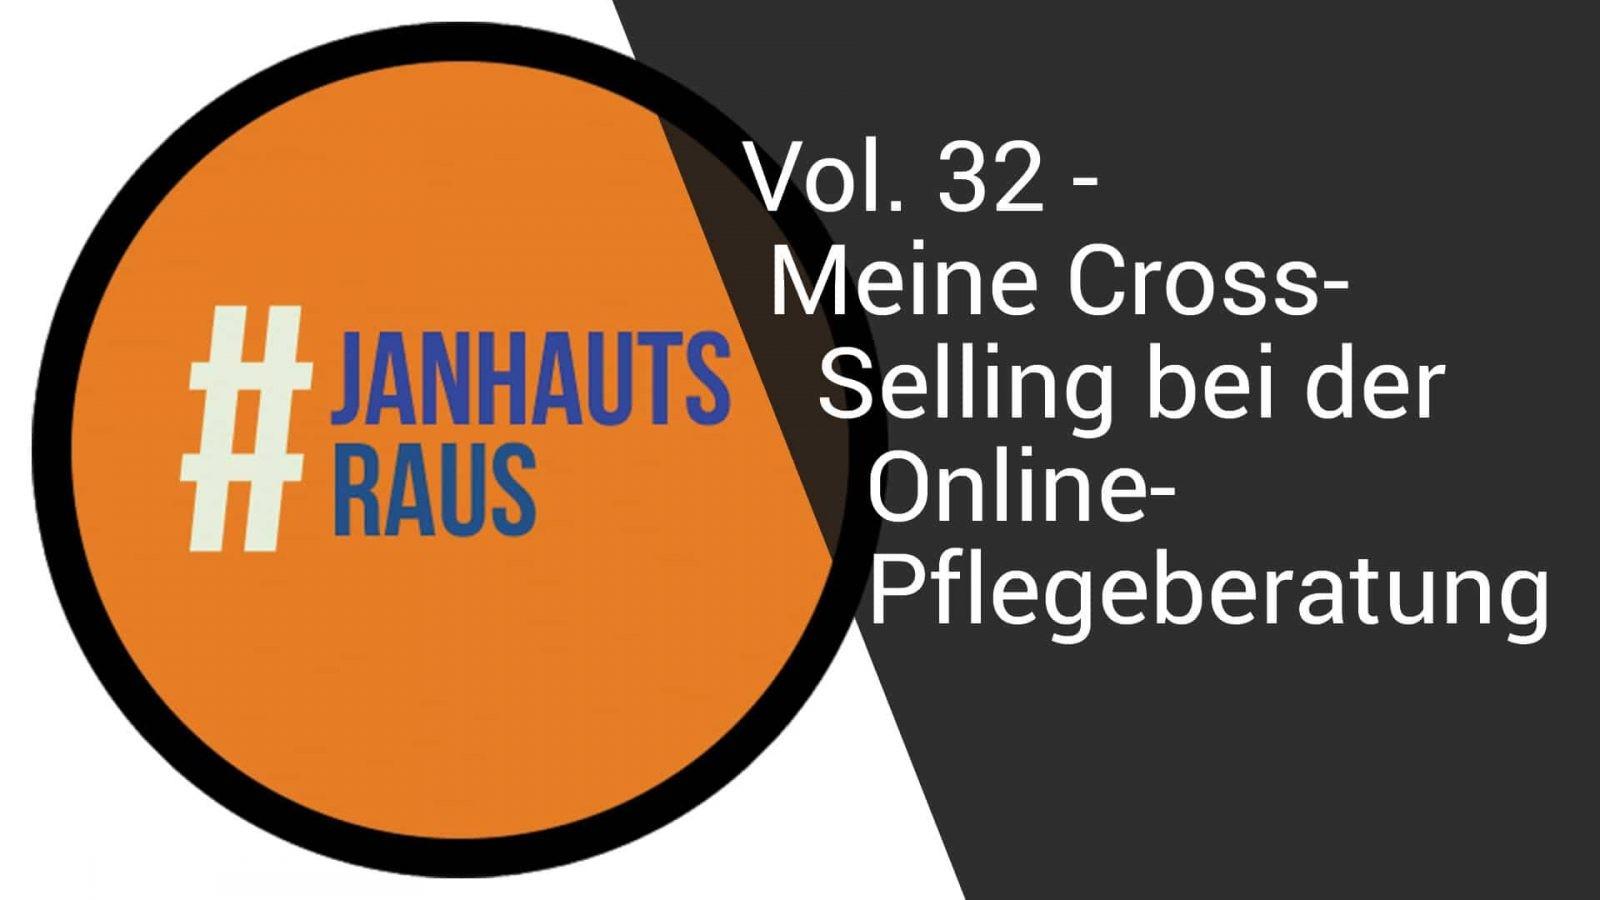 #janhautsraus - Vol. 32 - Mein Cross-Selling bei der Online-Pflegeberatung